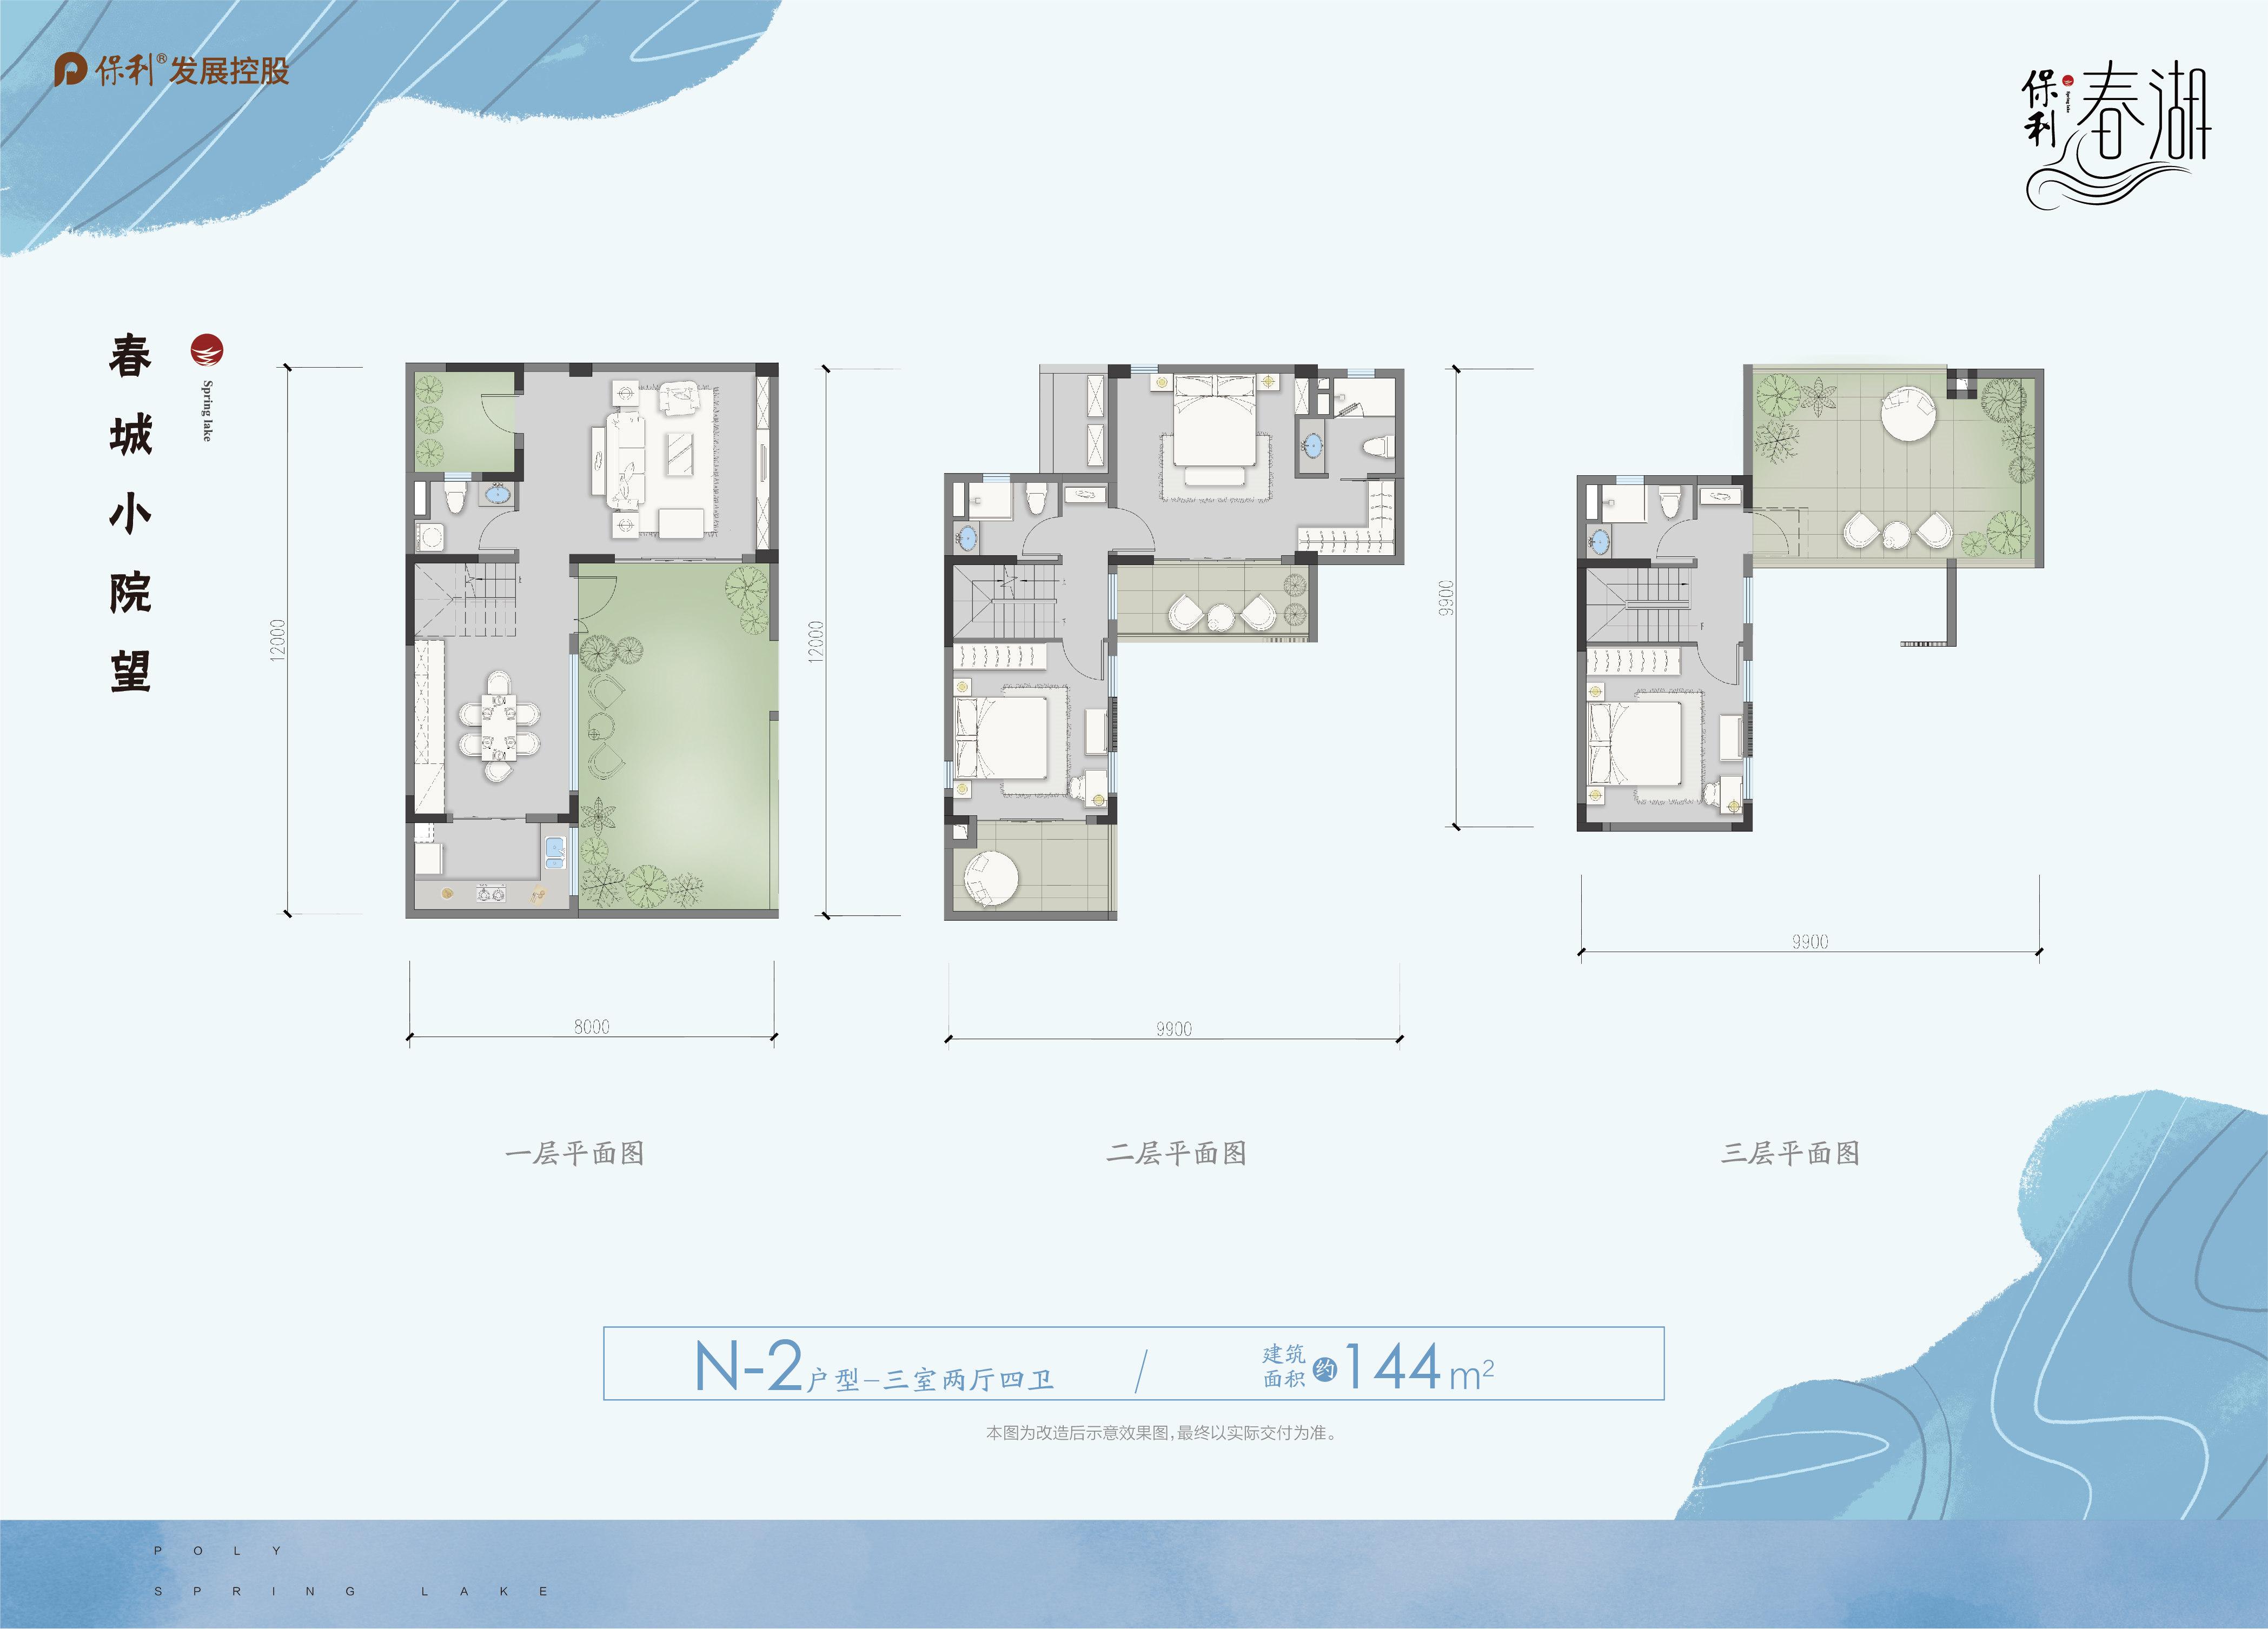 3室2厅4卫-春城小院望N-2户型,建面144㎡